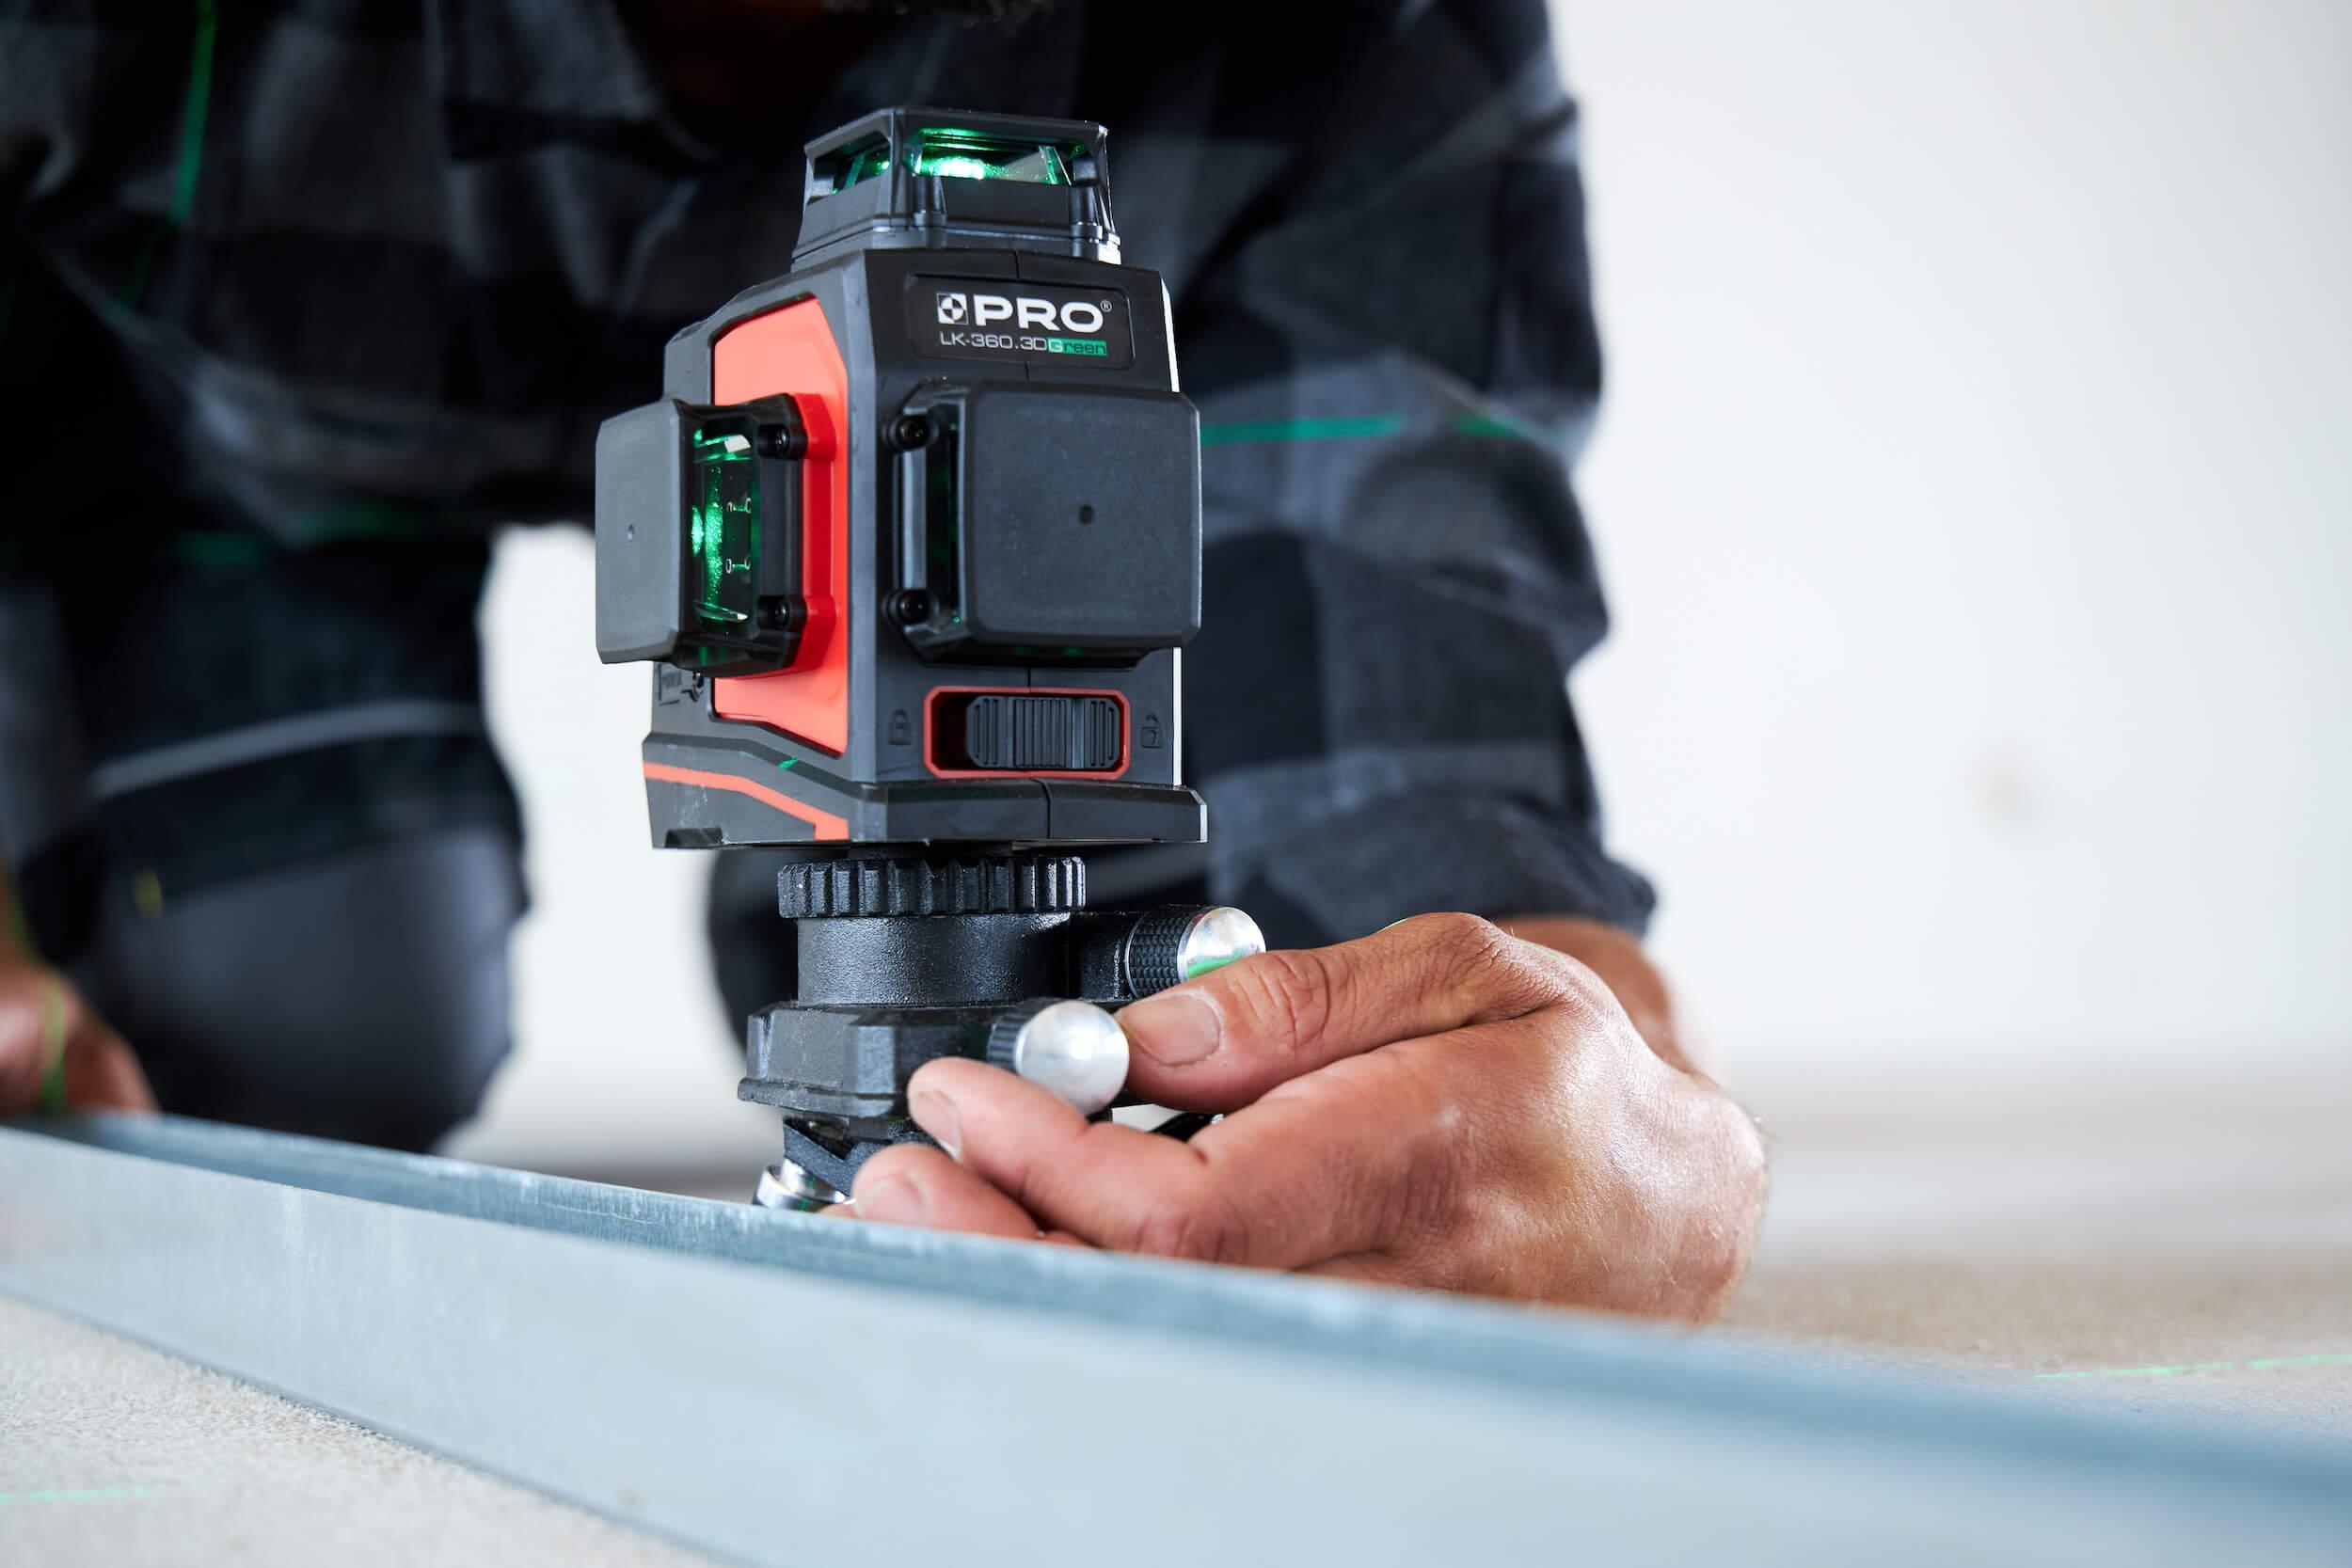 Przyrządy pomiarowe - lasery krzyżowe idalmierze. Jak mierzyć precyzyjnie?